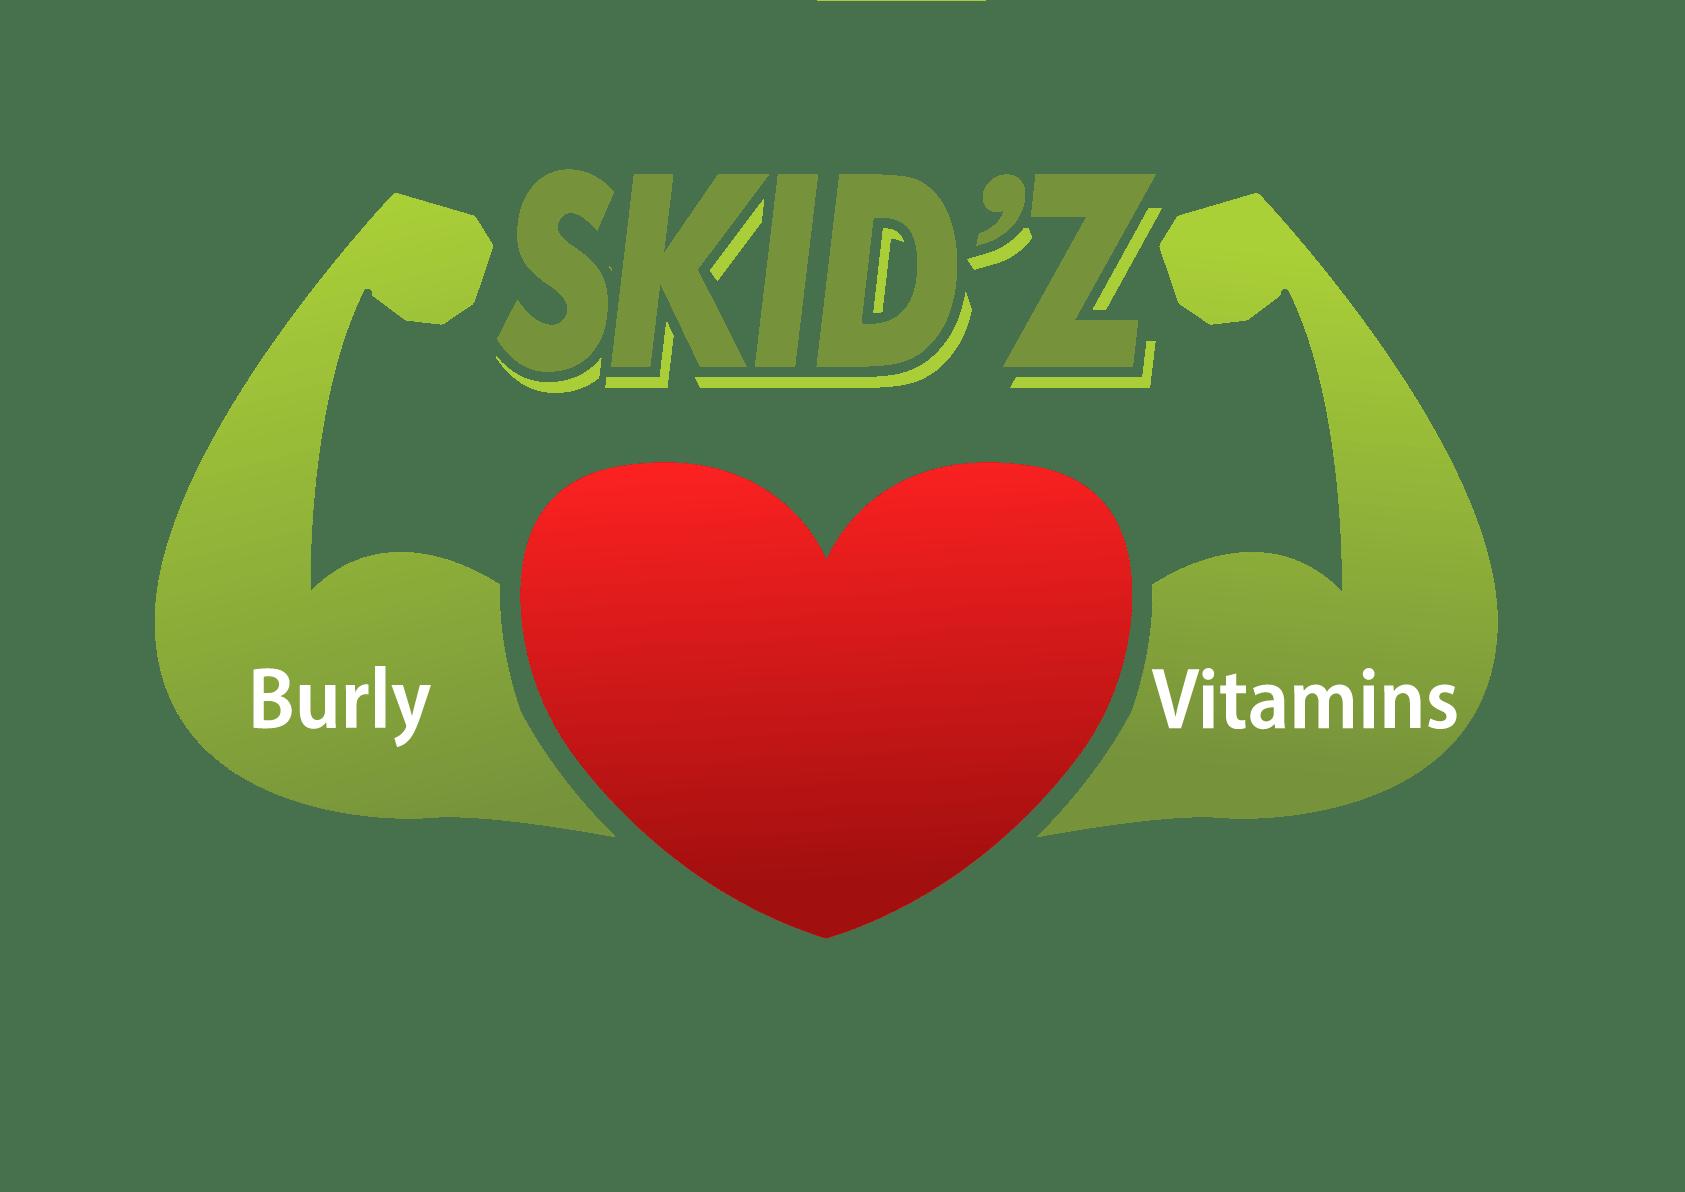 Burly Skidz Vitamins